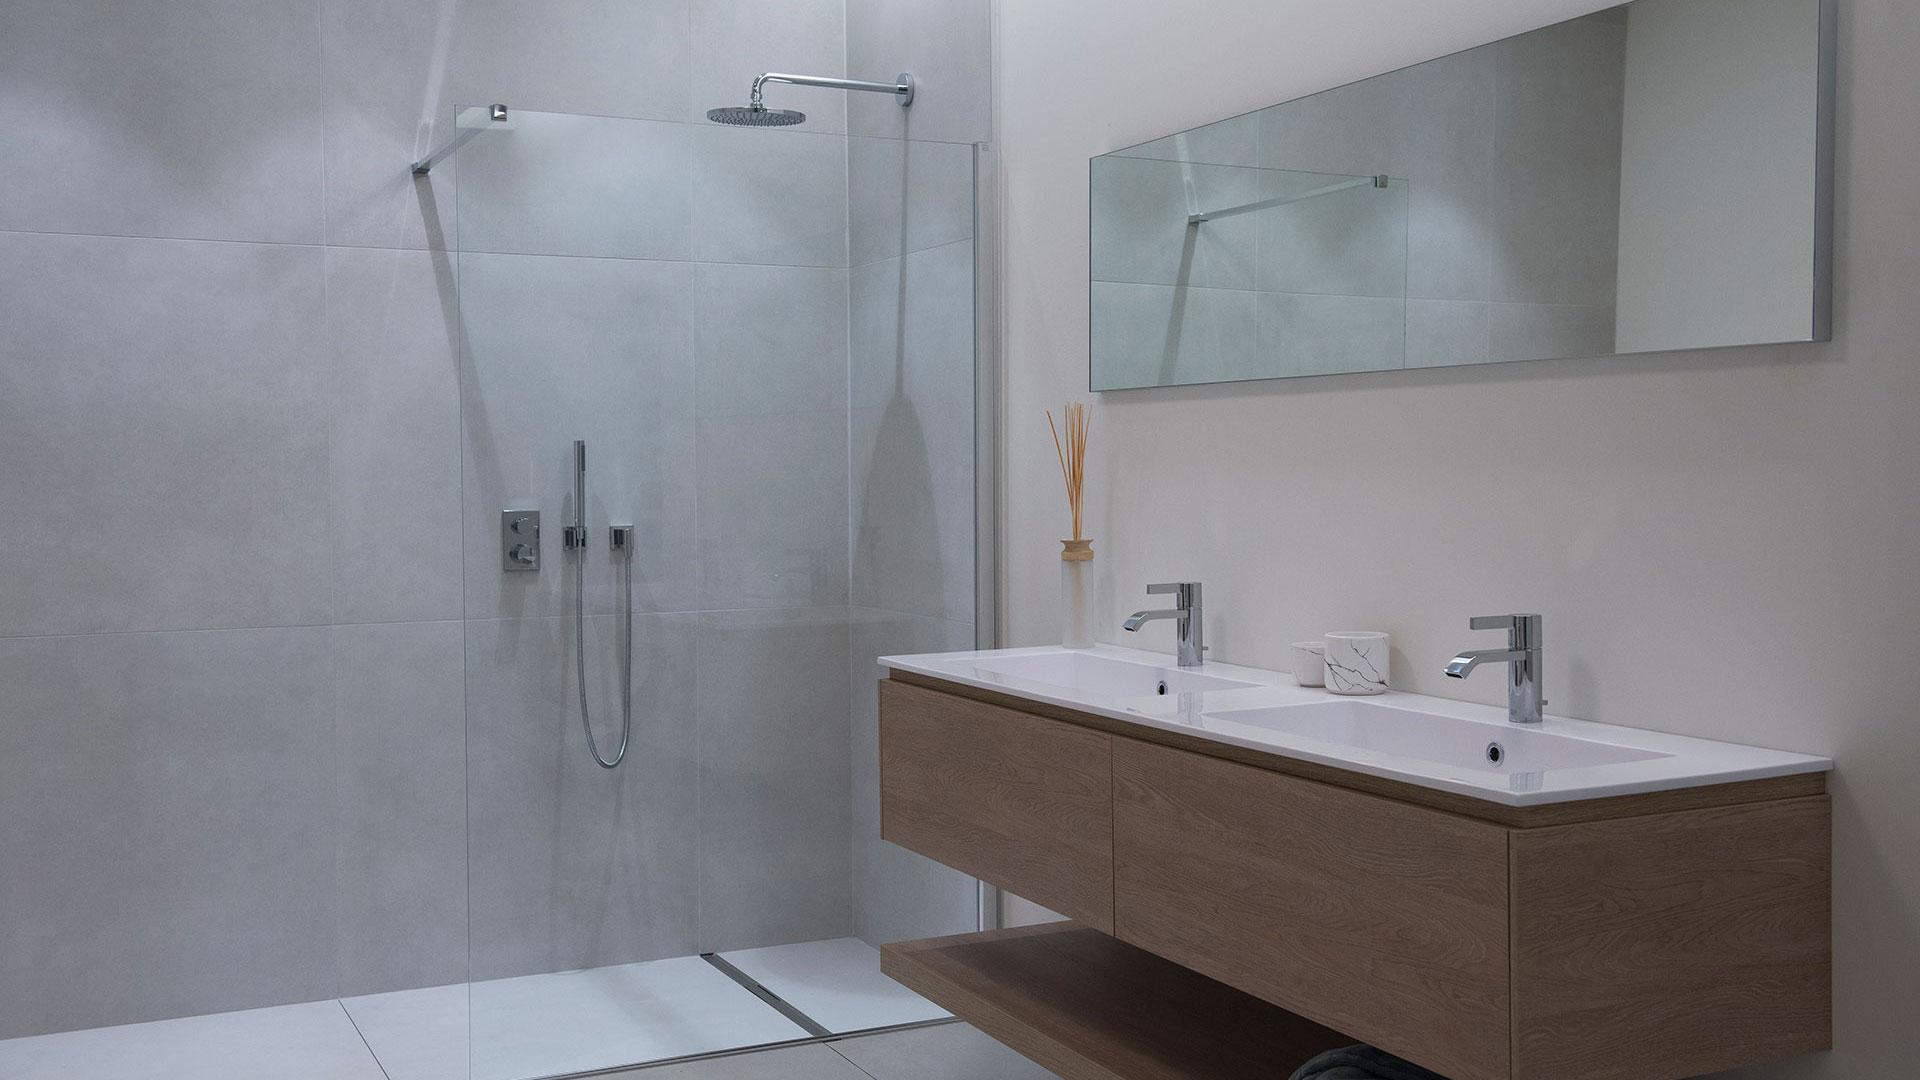 Renoconcept heeft de expertise om elk badkamerproject vernieuwend te vernieuwen. Vraag ons om advies!